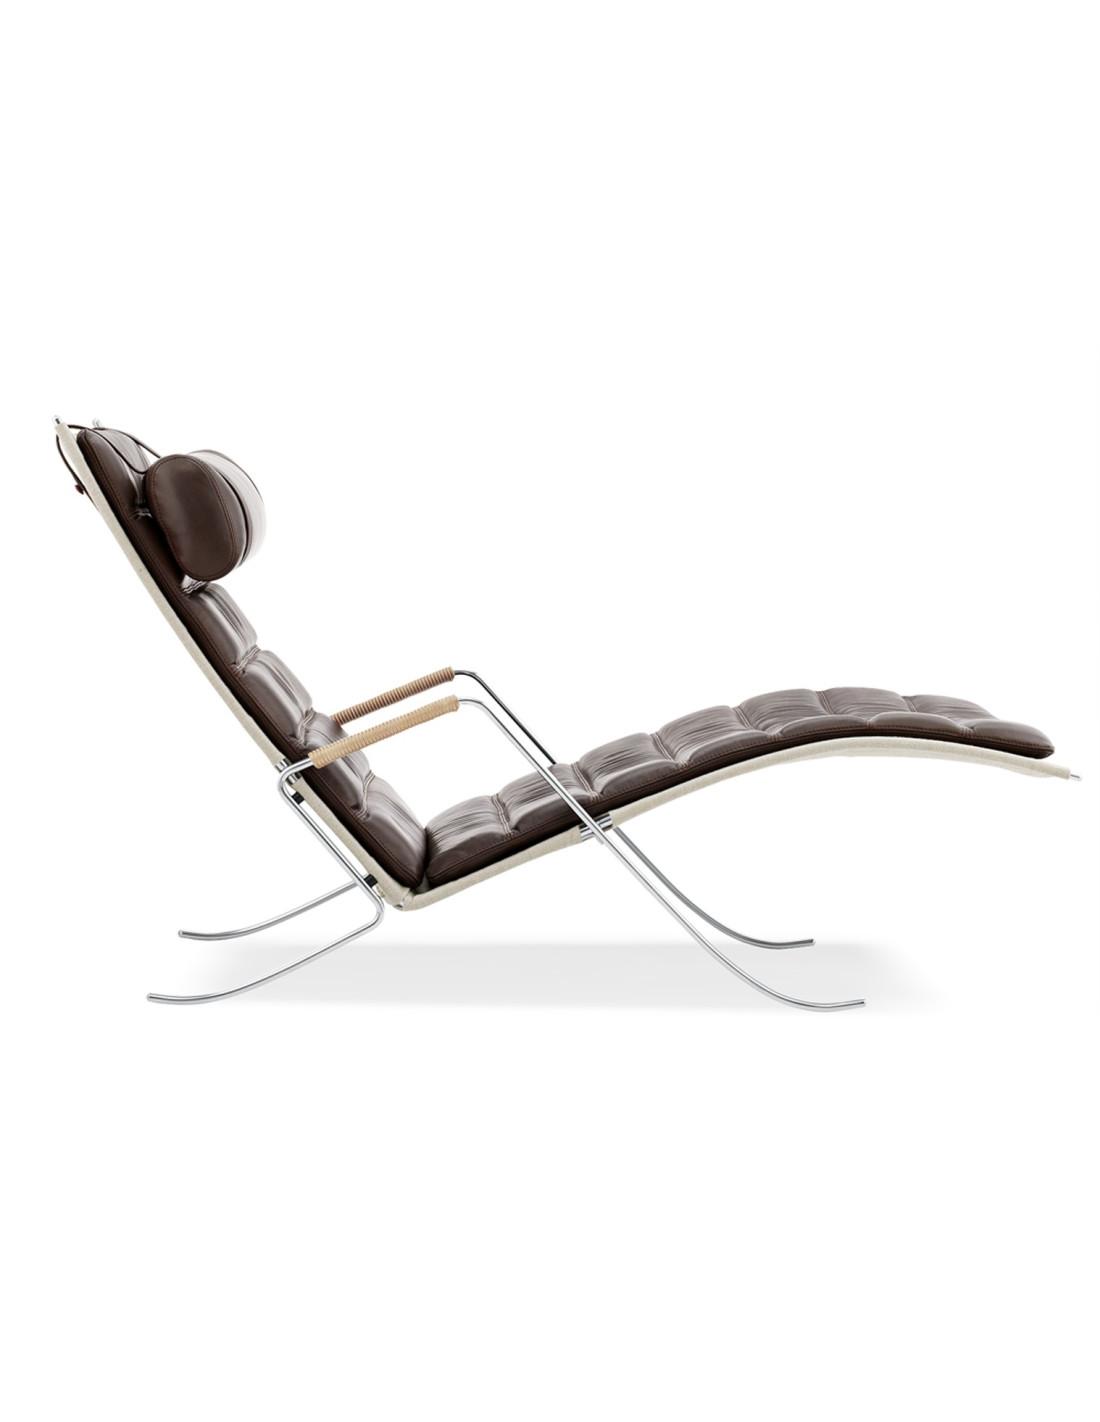 Chaise longue sauterelle design fabricius et kastholm - La chaise longue lampadaire ...